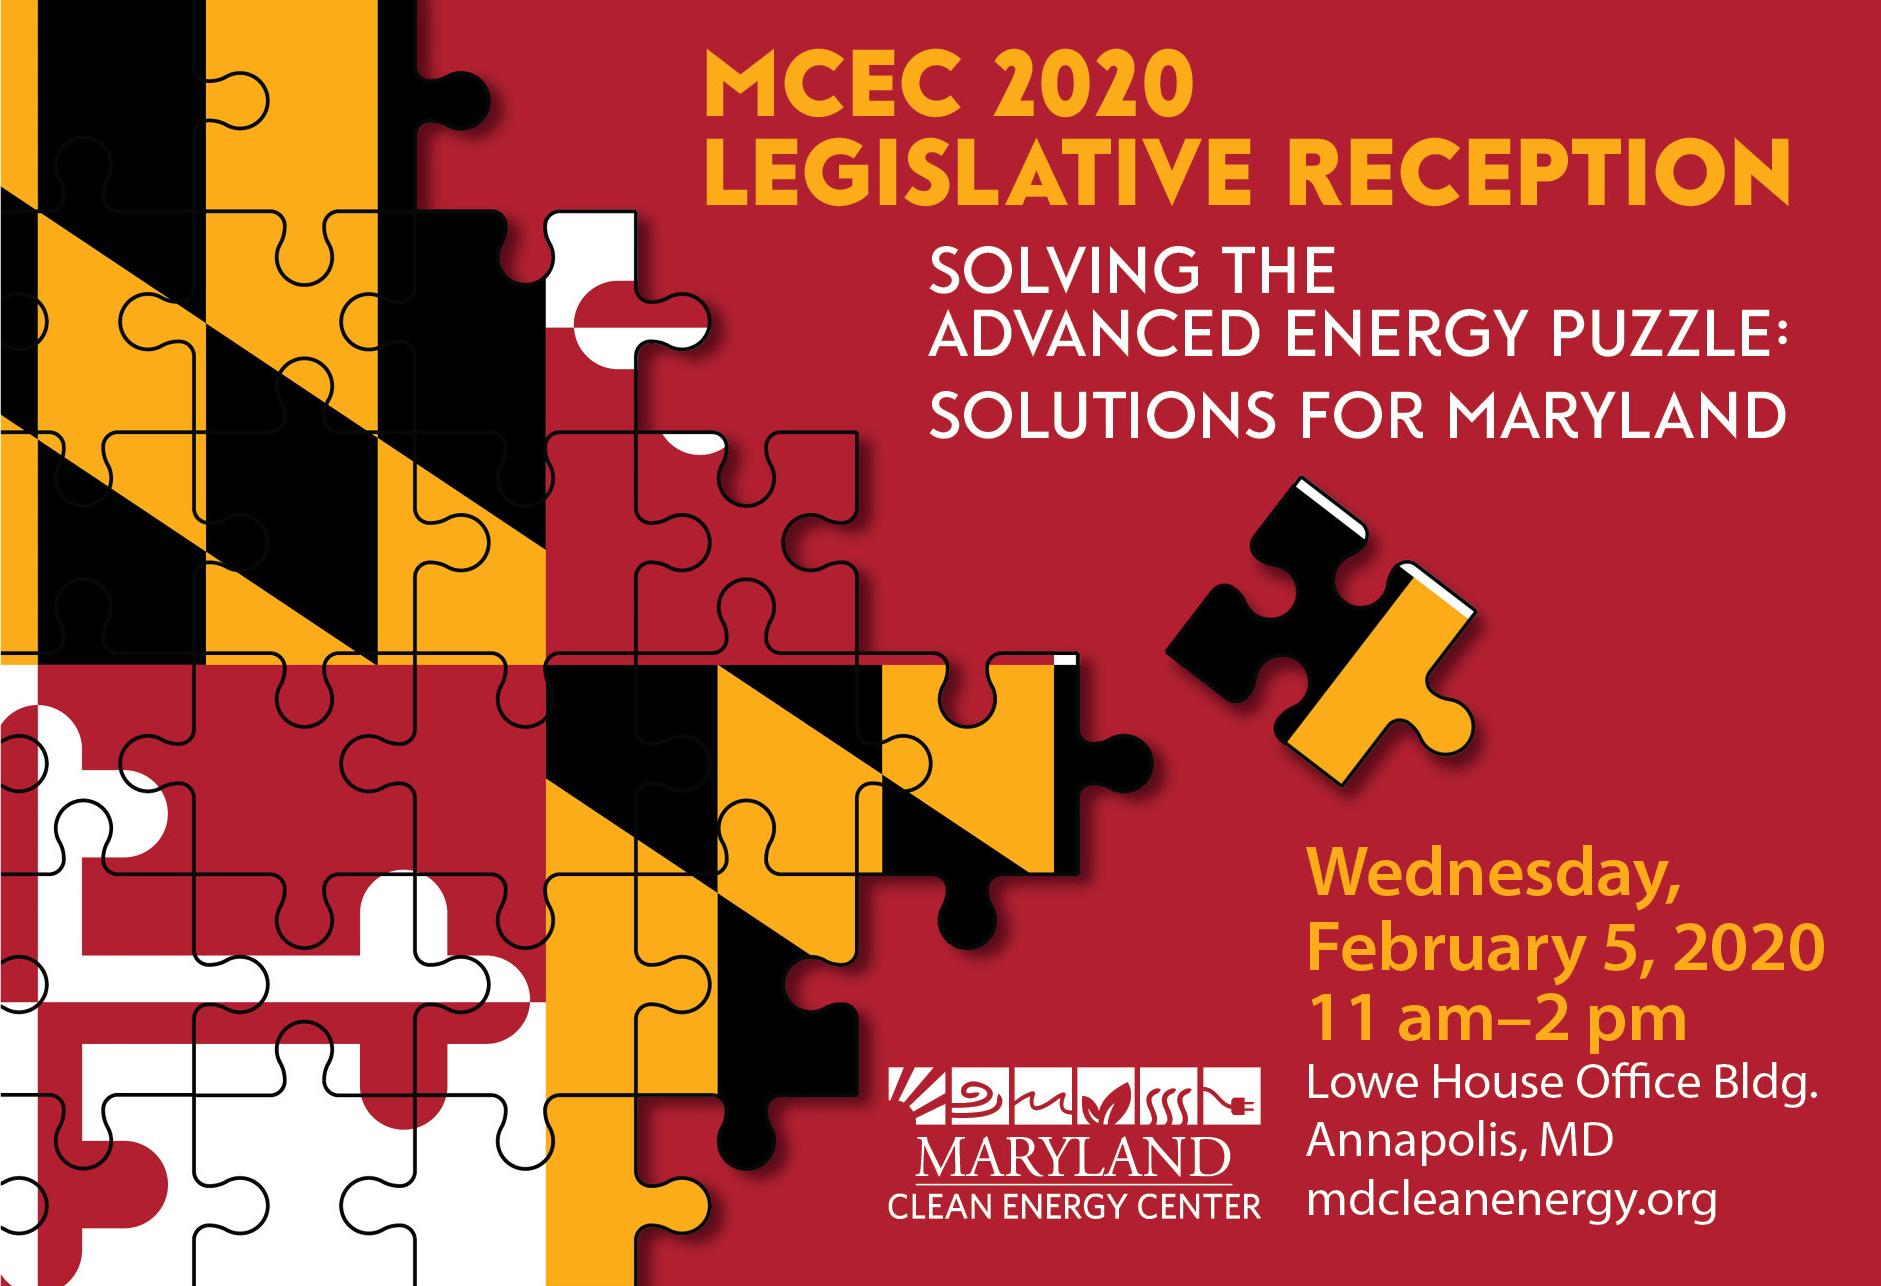 Final MCEC 2020 Legislative Reception